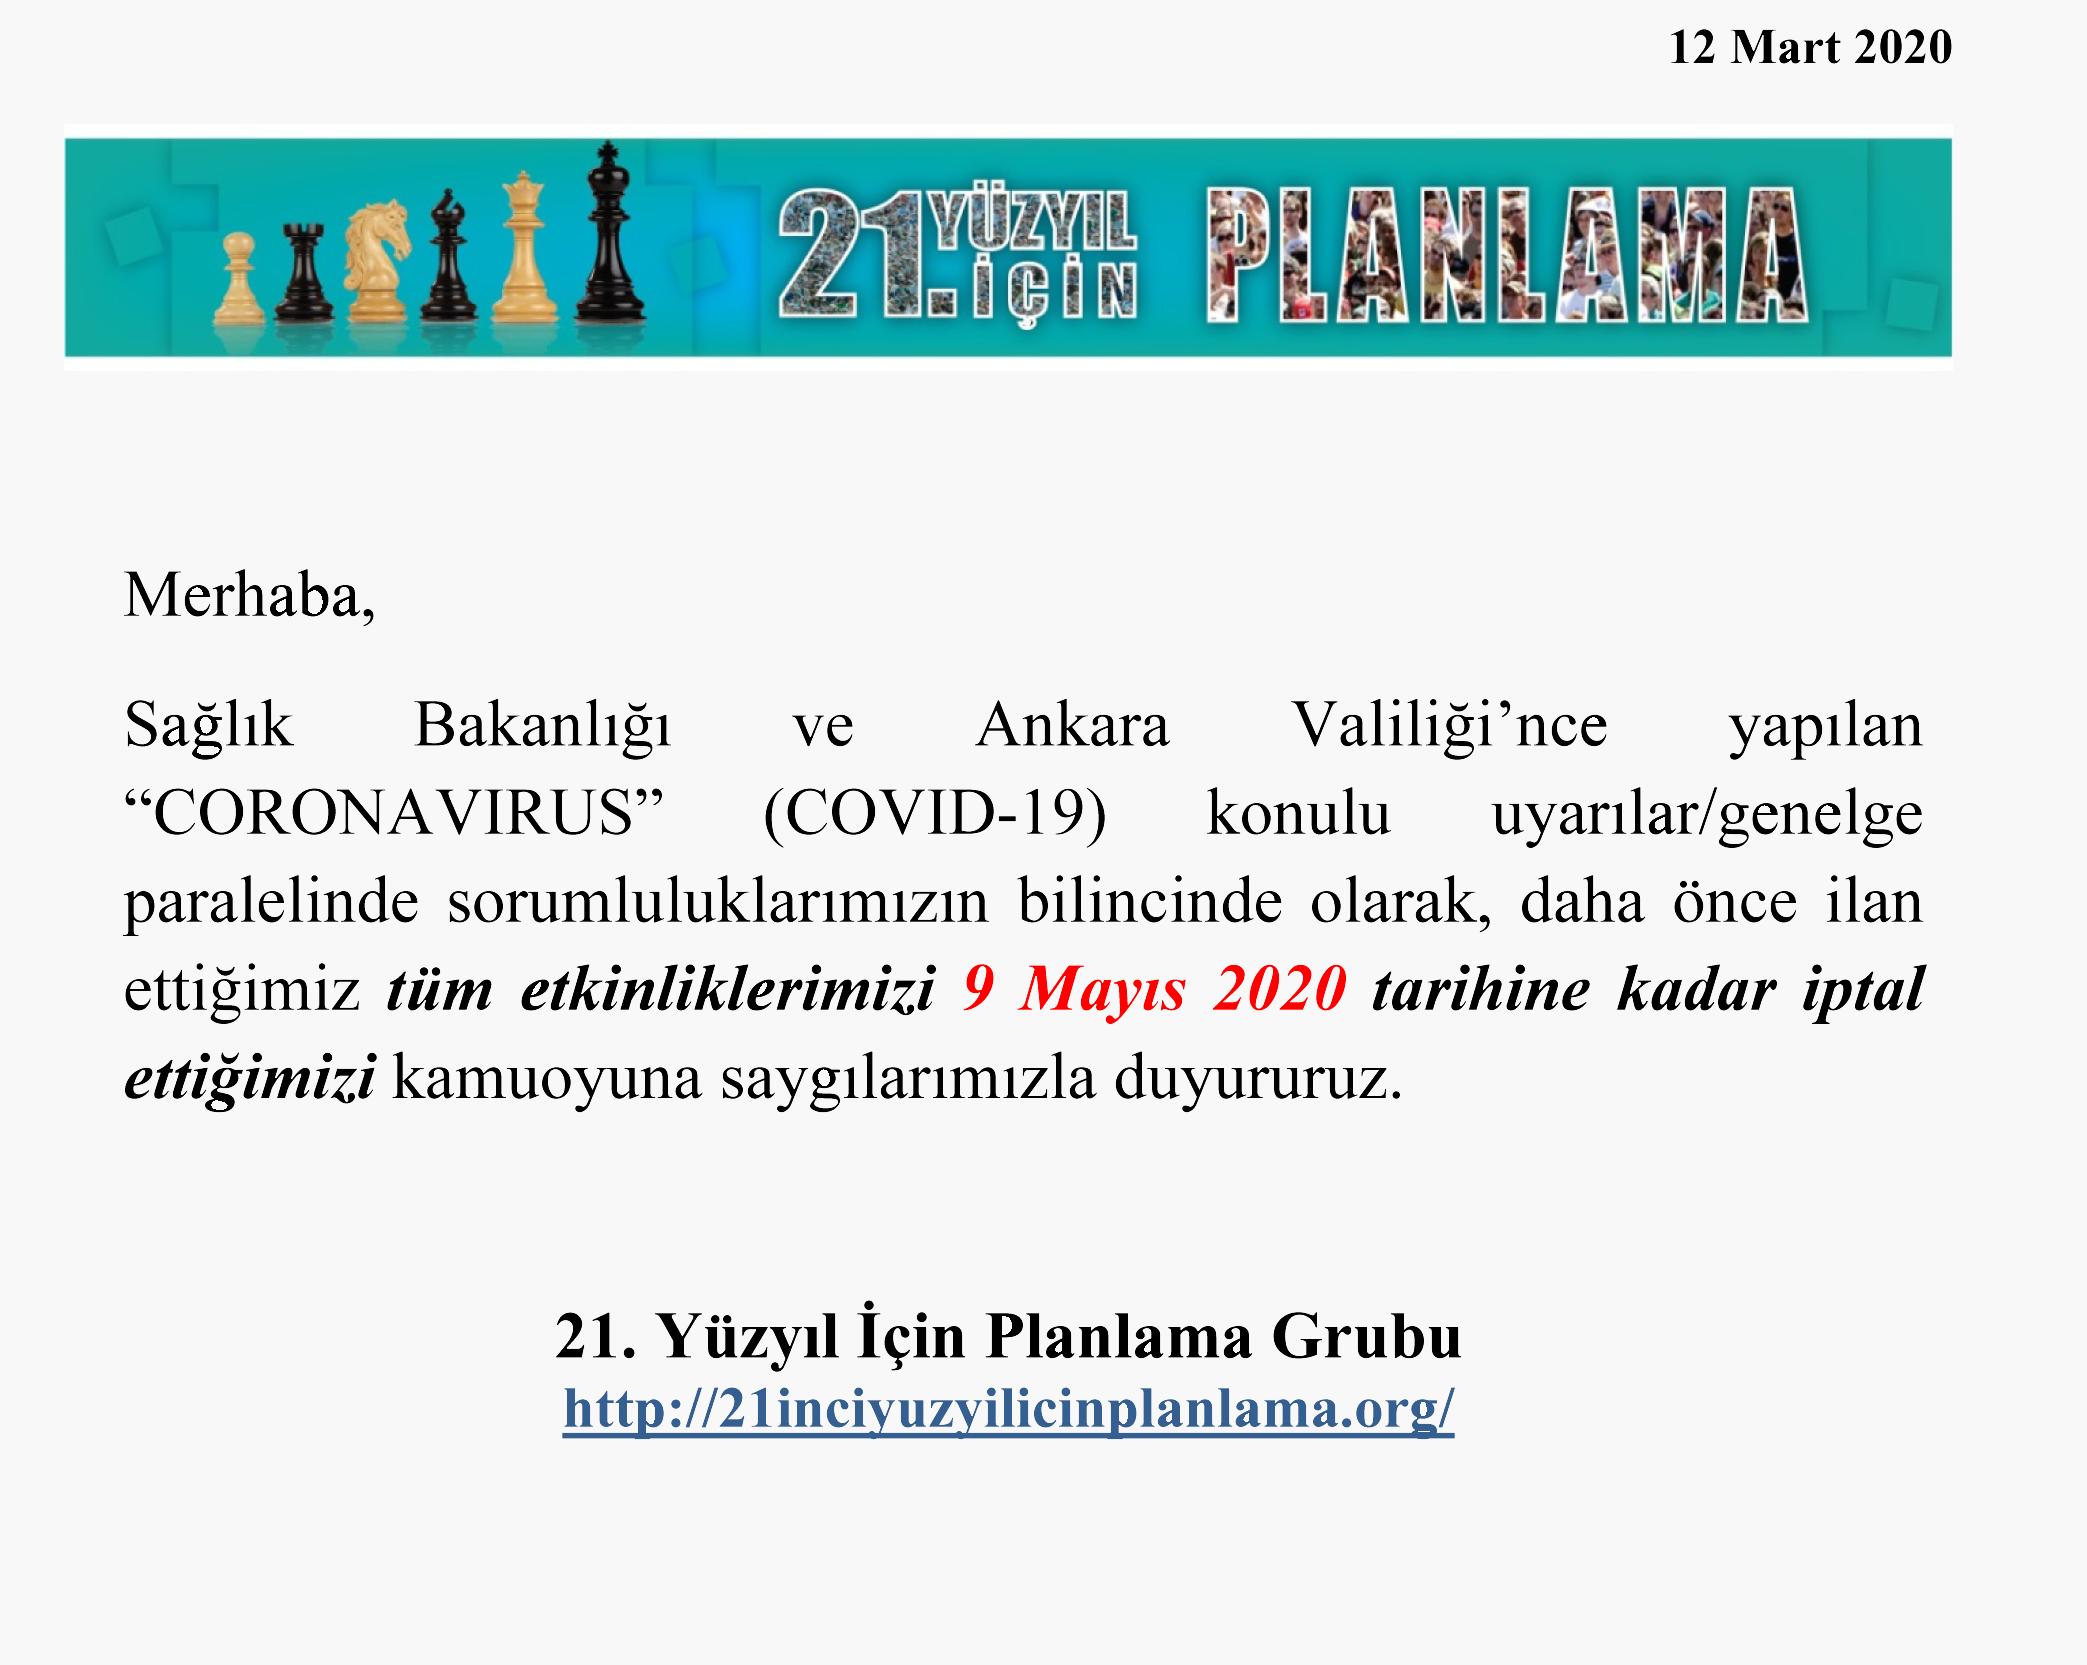 Etkinlik Erteleme-12 Mart 2020